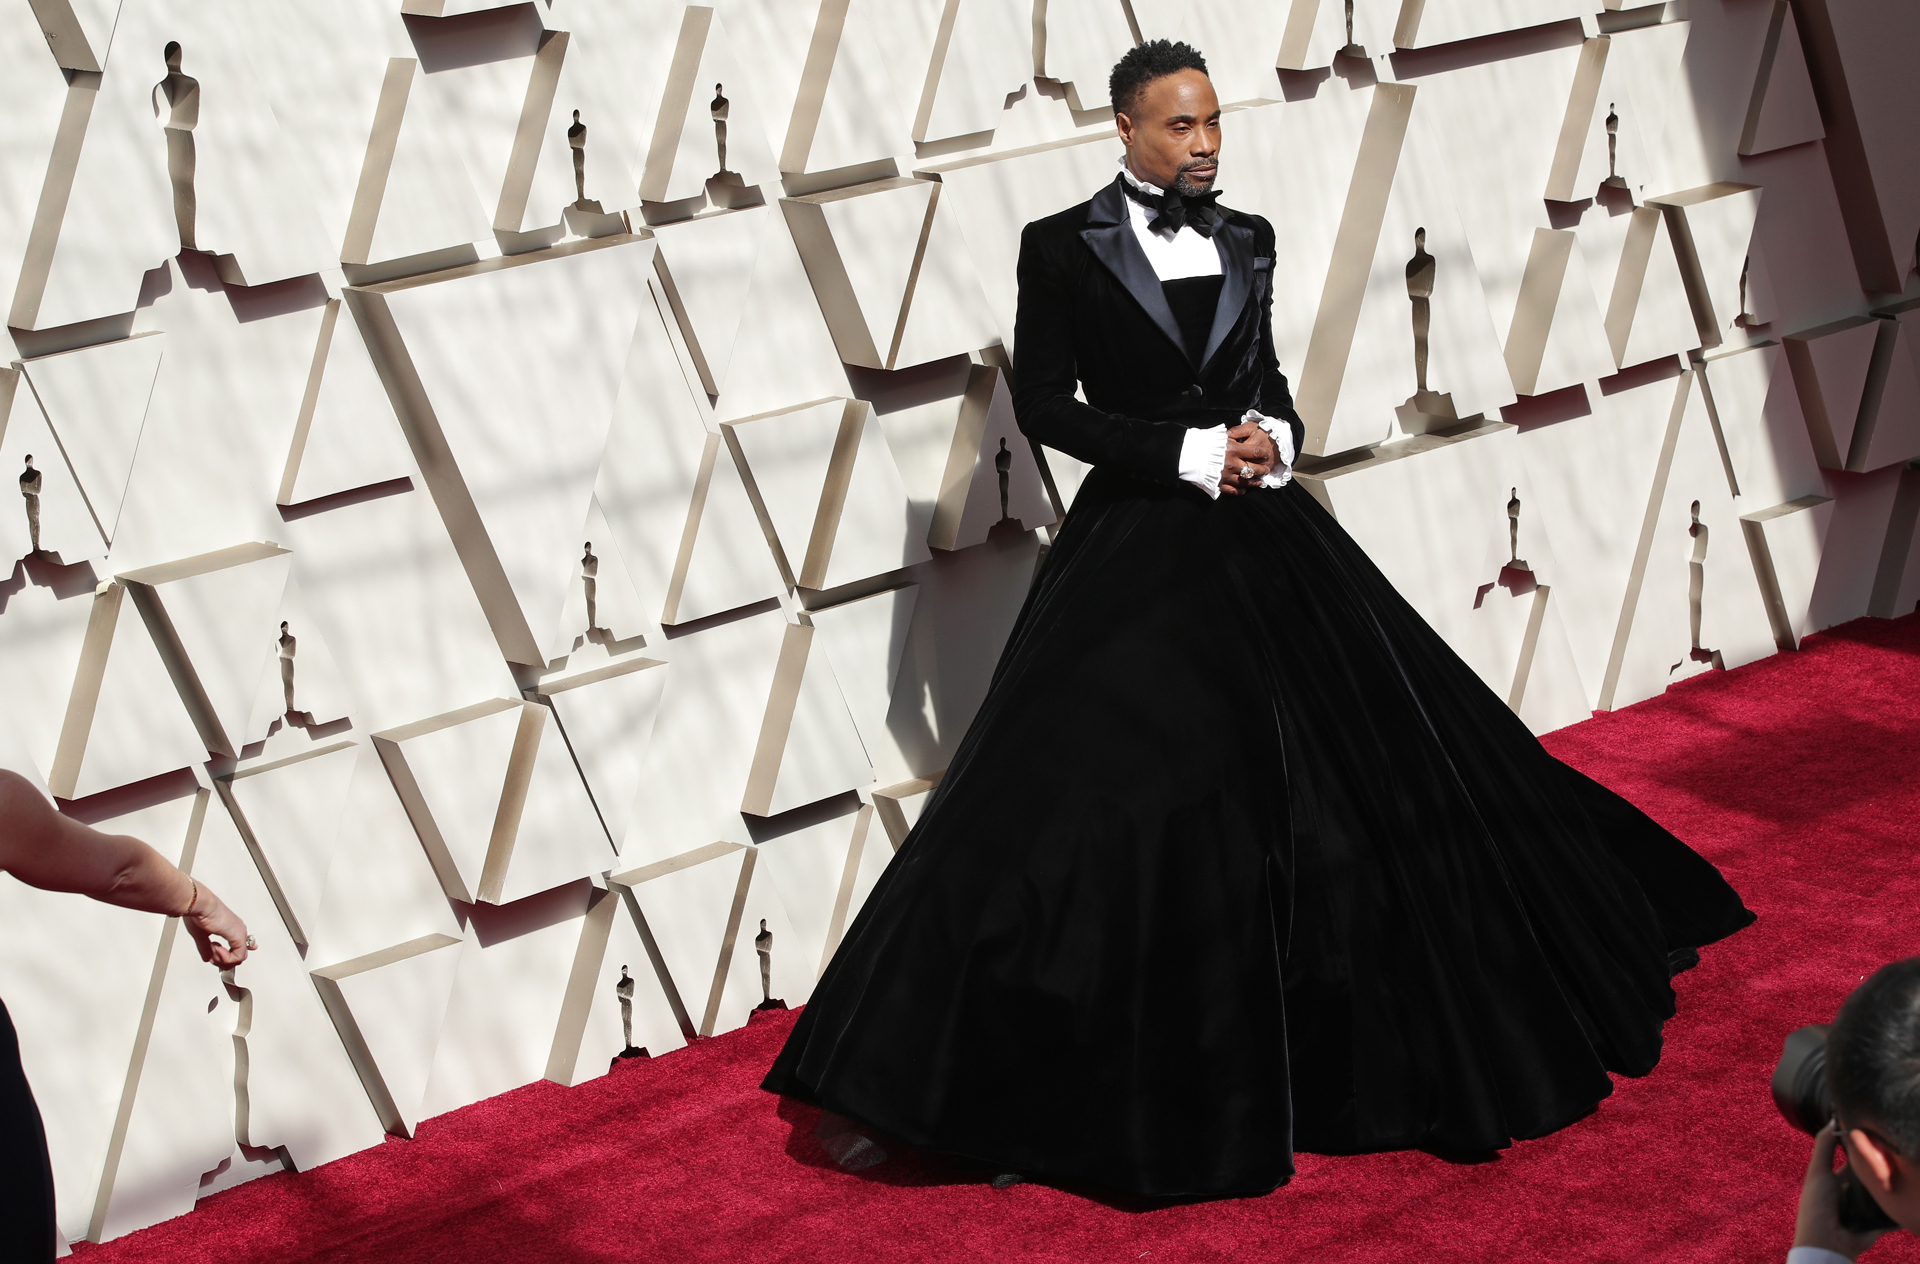 """Billy Porterllegó a la edición 91 de los Premios de la Academia conun un smoking negro, pero en vez de pantalones, optó por una falda amplia de terciopelo. Para la experta Dinar, a pesar de la extravagancia, este look """"tiene mucha audacia y alto impacto"""""""